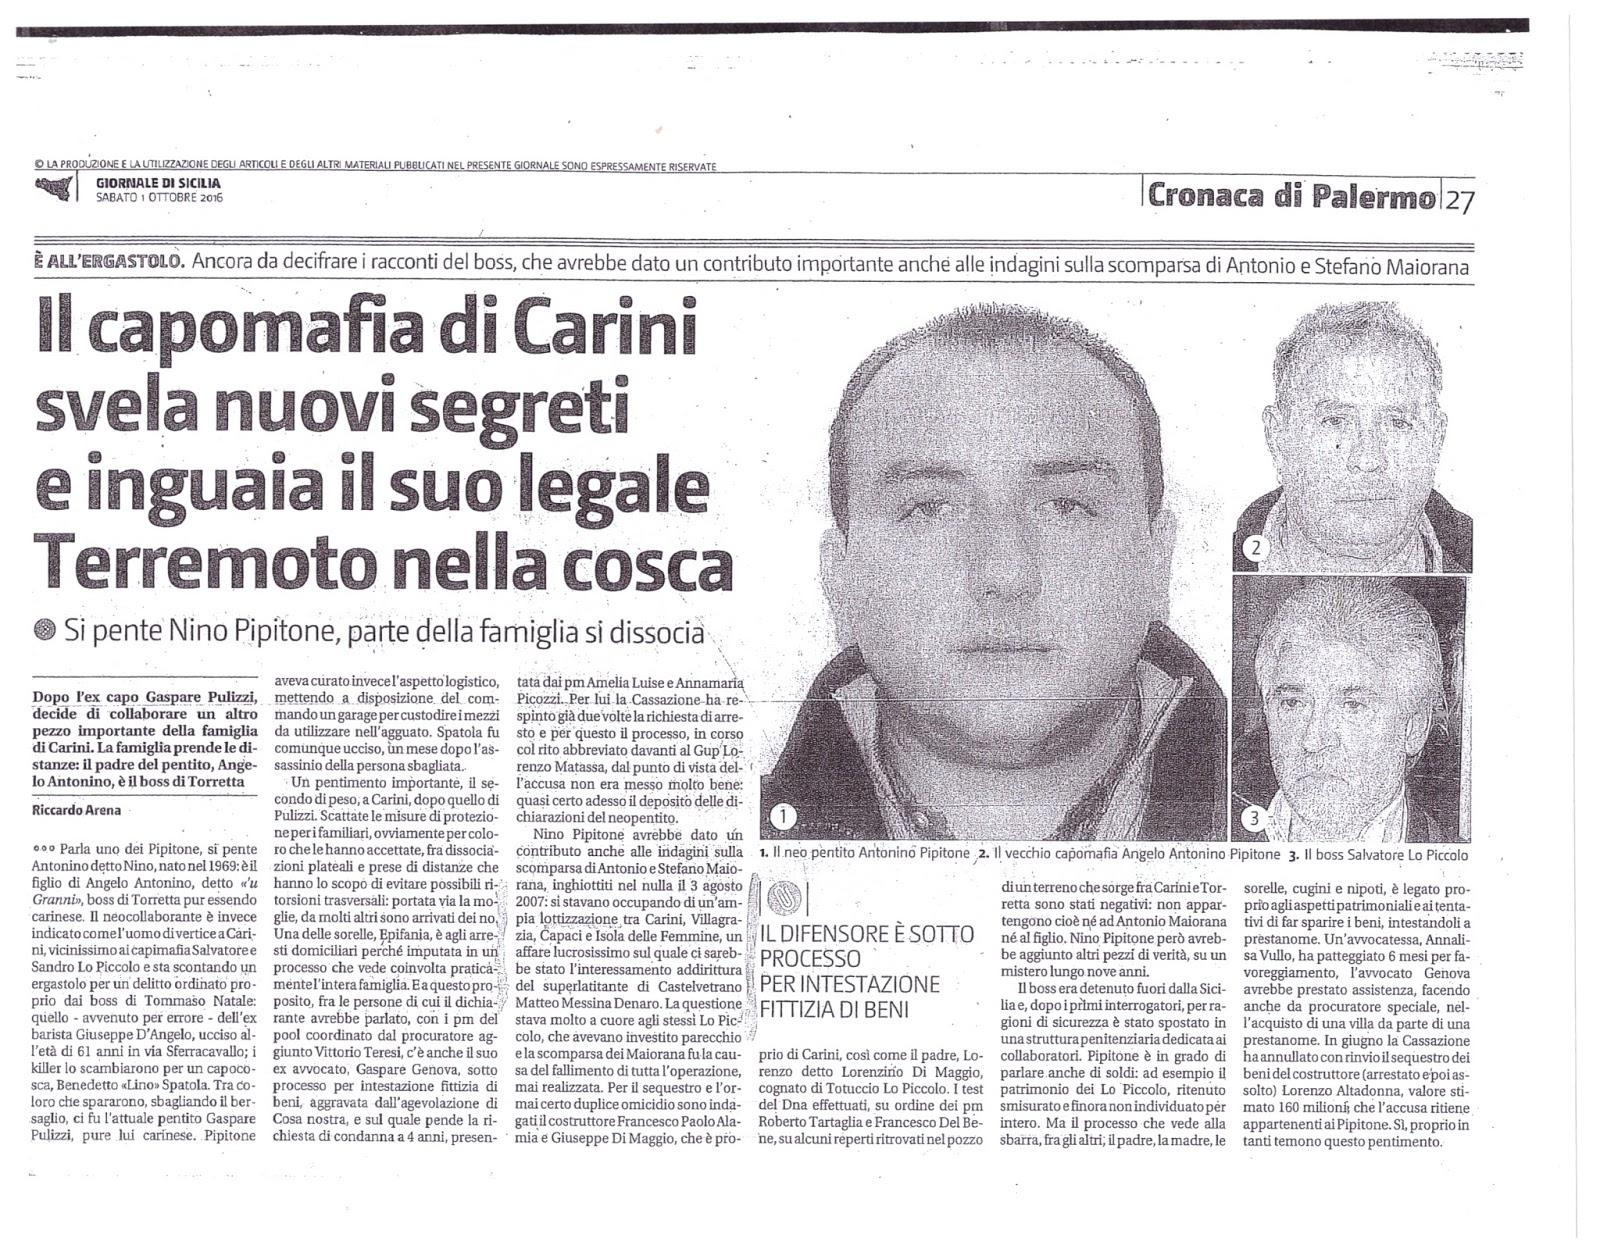 099a07baf9 Palermo, la scomparsa dei Maiorana svolta nelle indagini. Indagato per  omicidio il costruttore Alamia